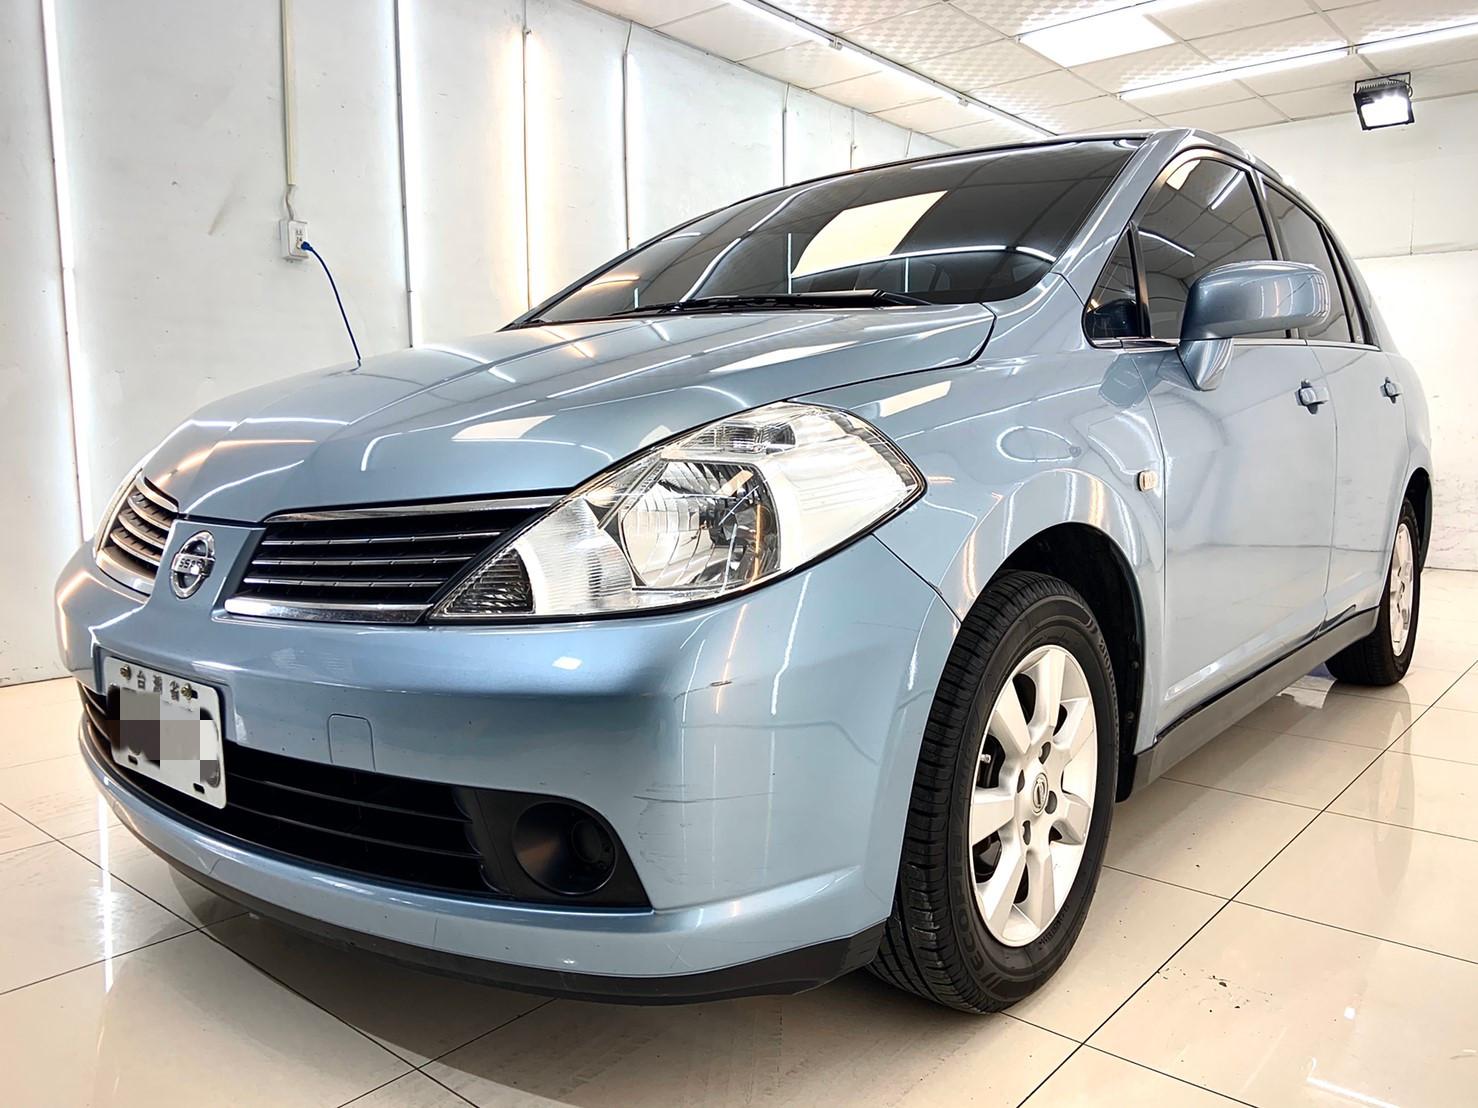 2006 Nissan 日產 Tiida